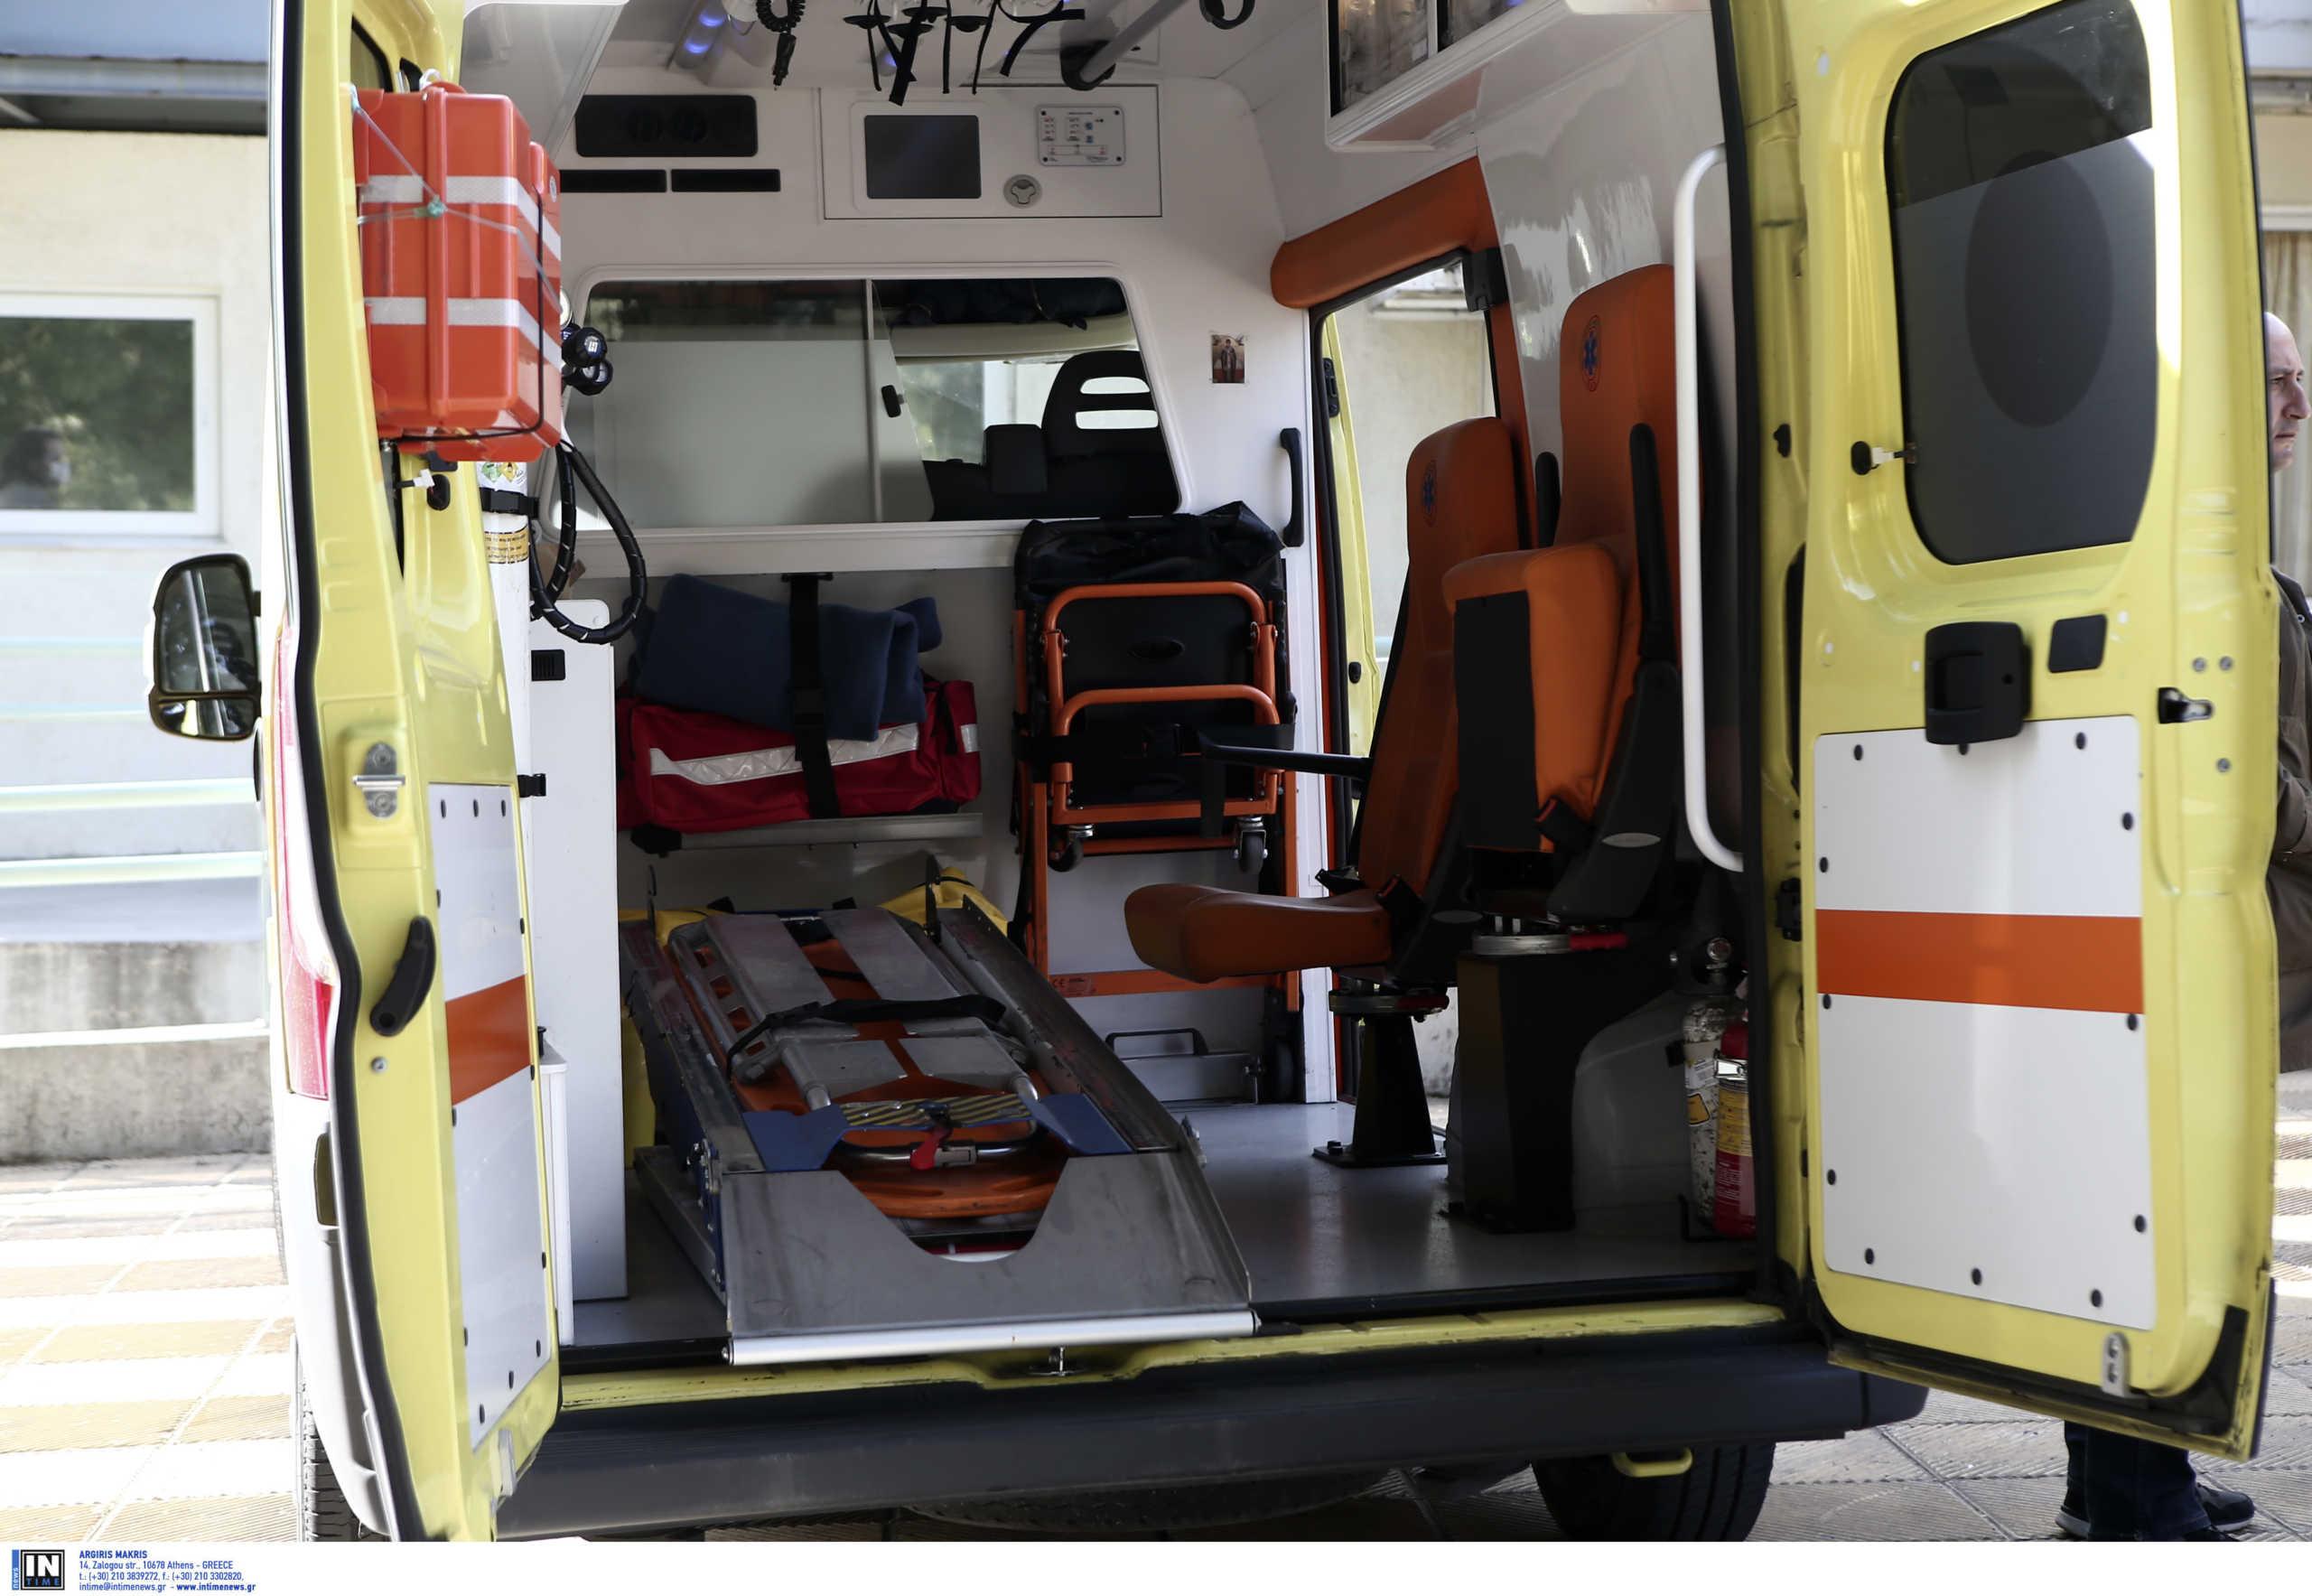 Ζάκυνθος: Εντοπίστηκε νεκρή αγνοούμενη γυναίκα! Τραγικό τέλος στις έρευνες για τον εντοπισμό της